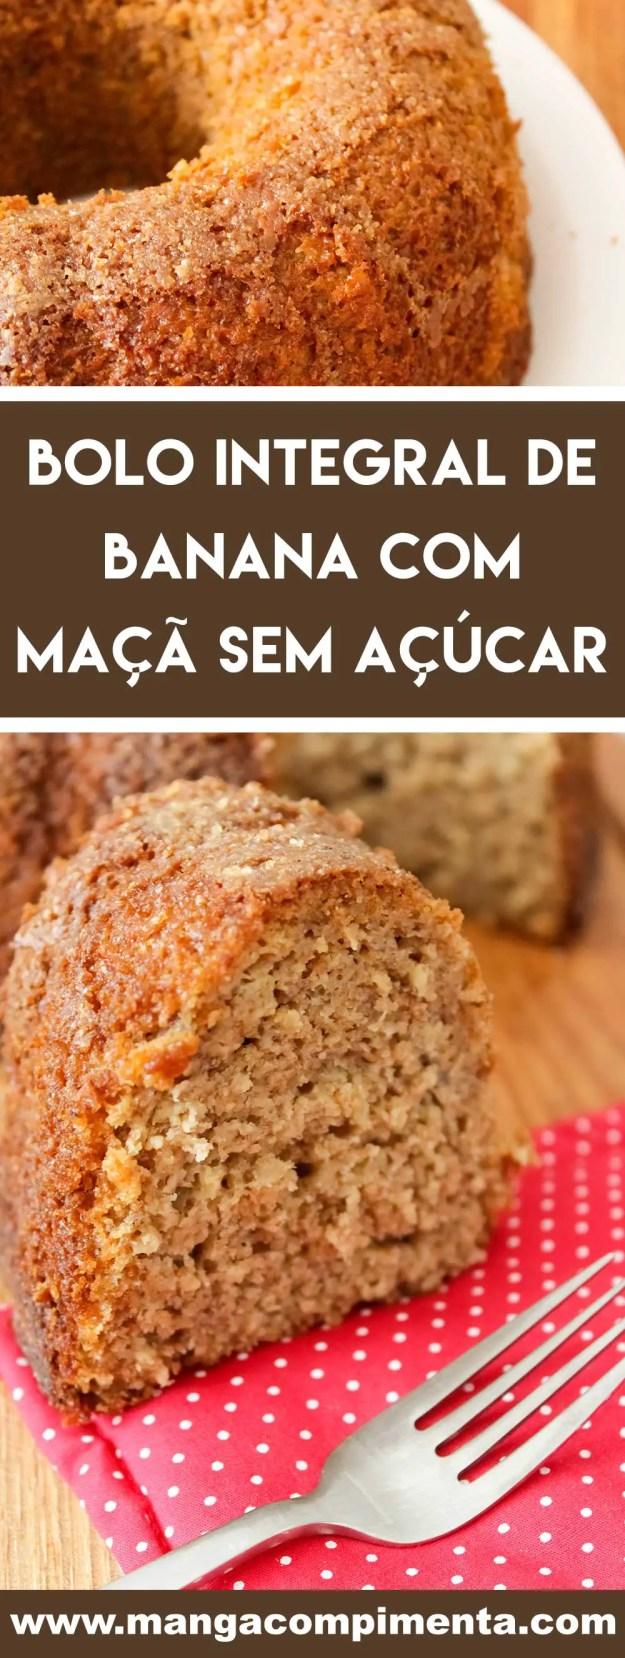 Receita de Bolo Integral de Banana com Maçã sem Açúcar - é uma verdadeira delícia!